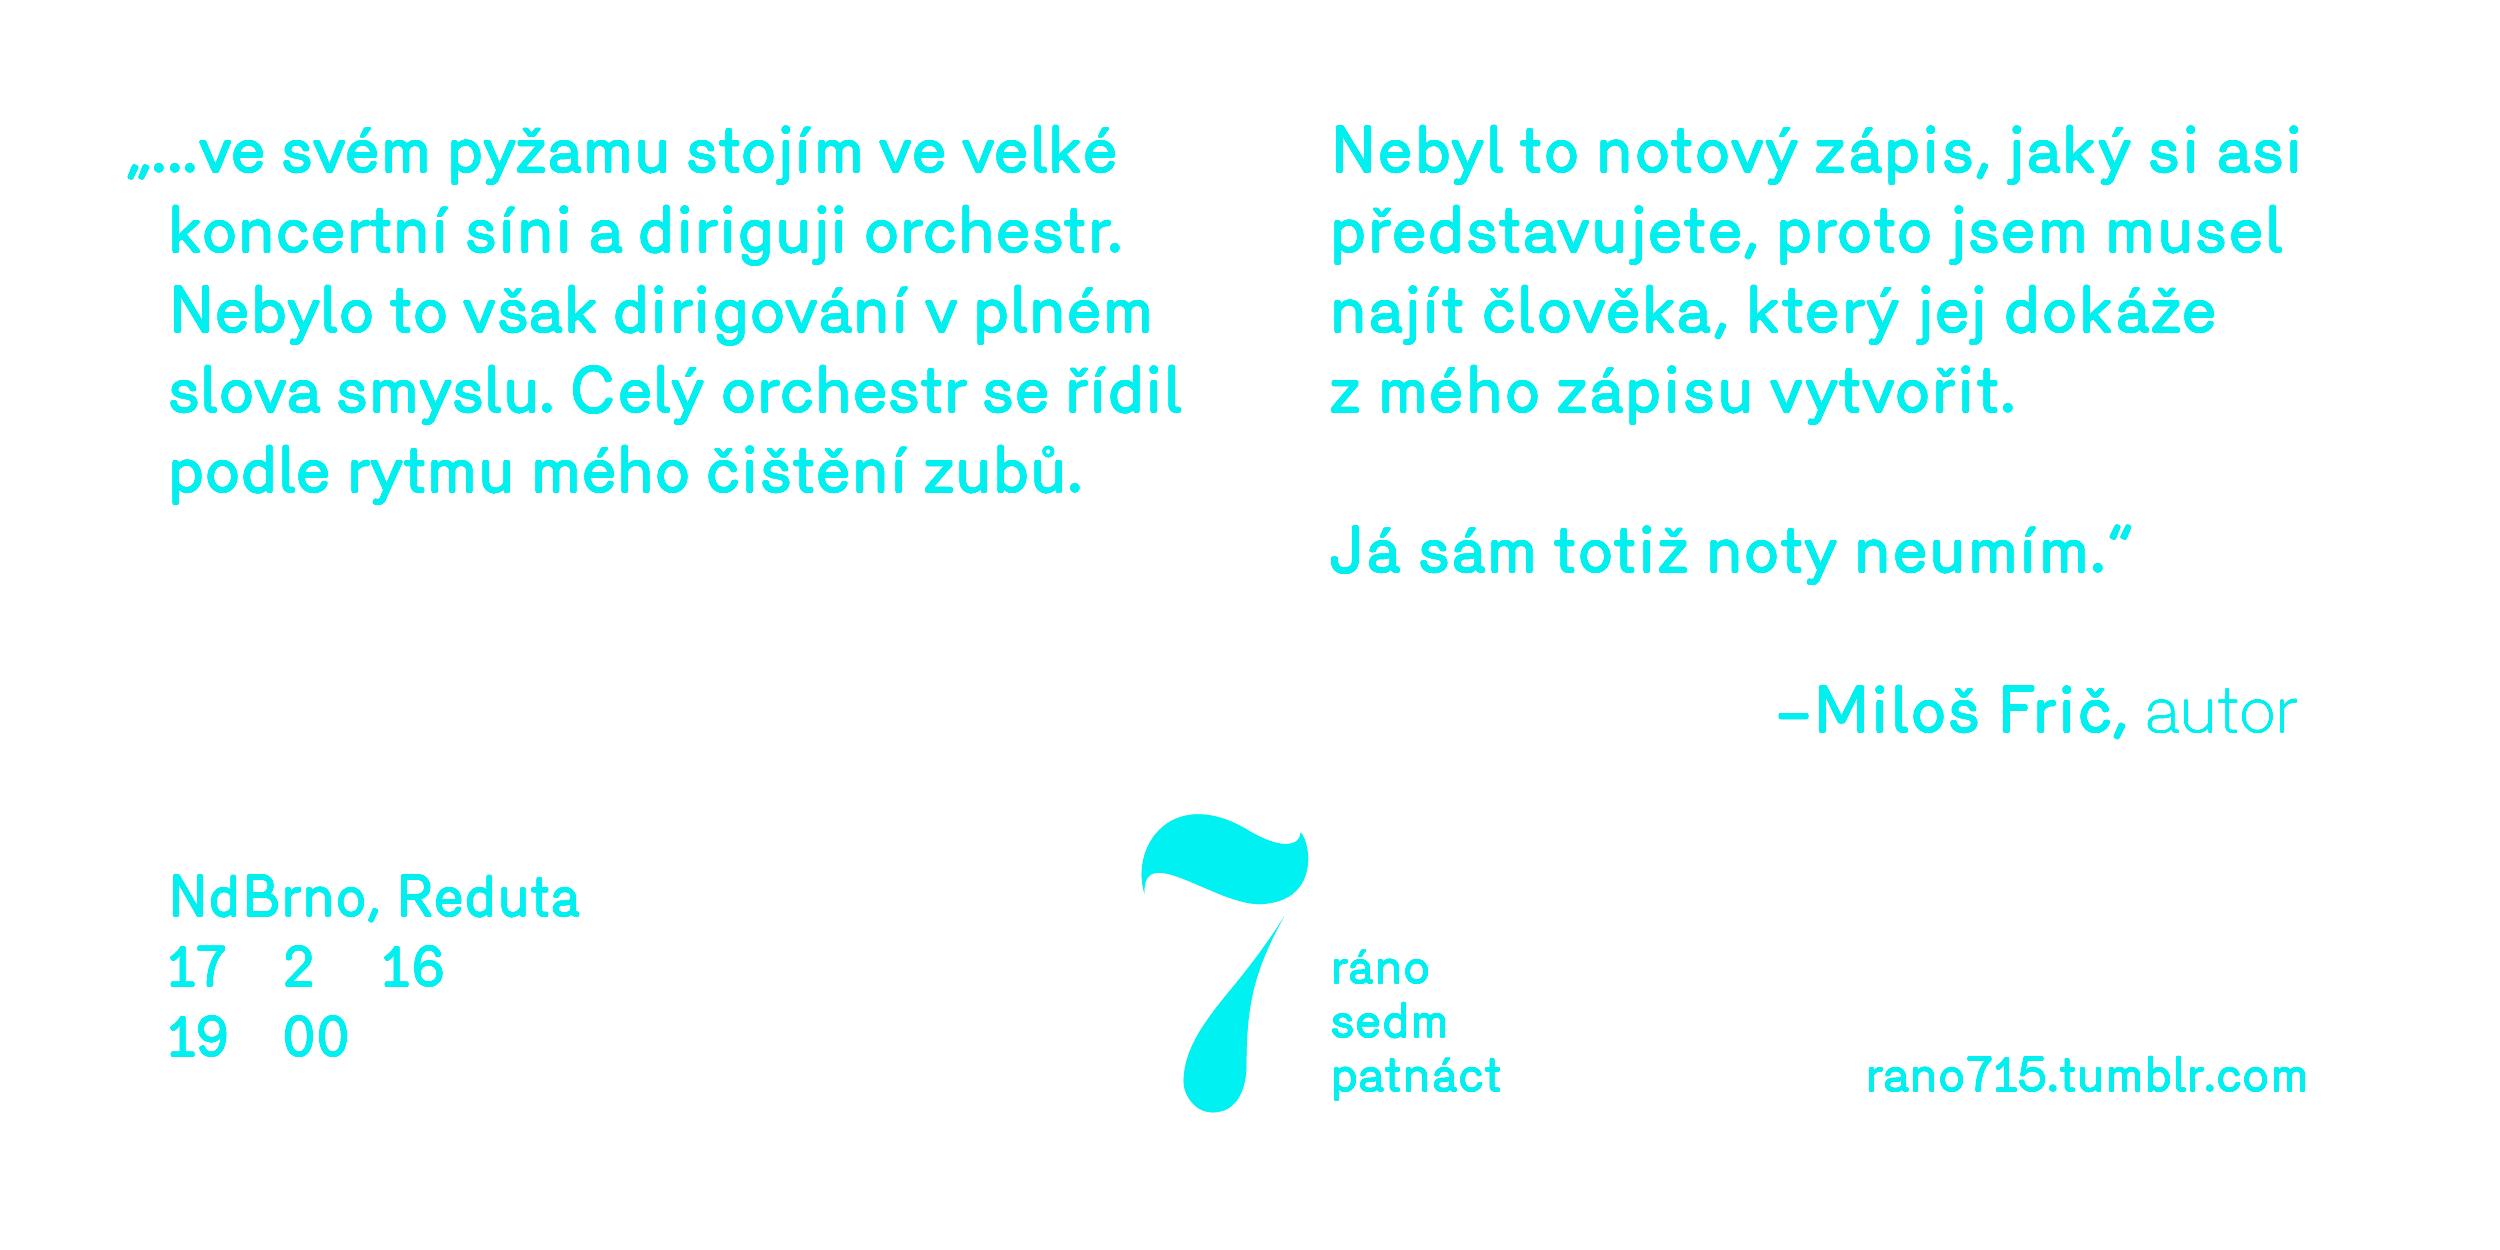 Miloš Frič